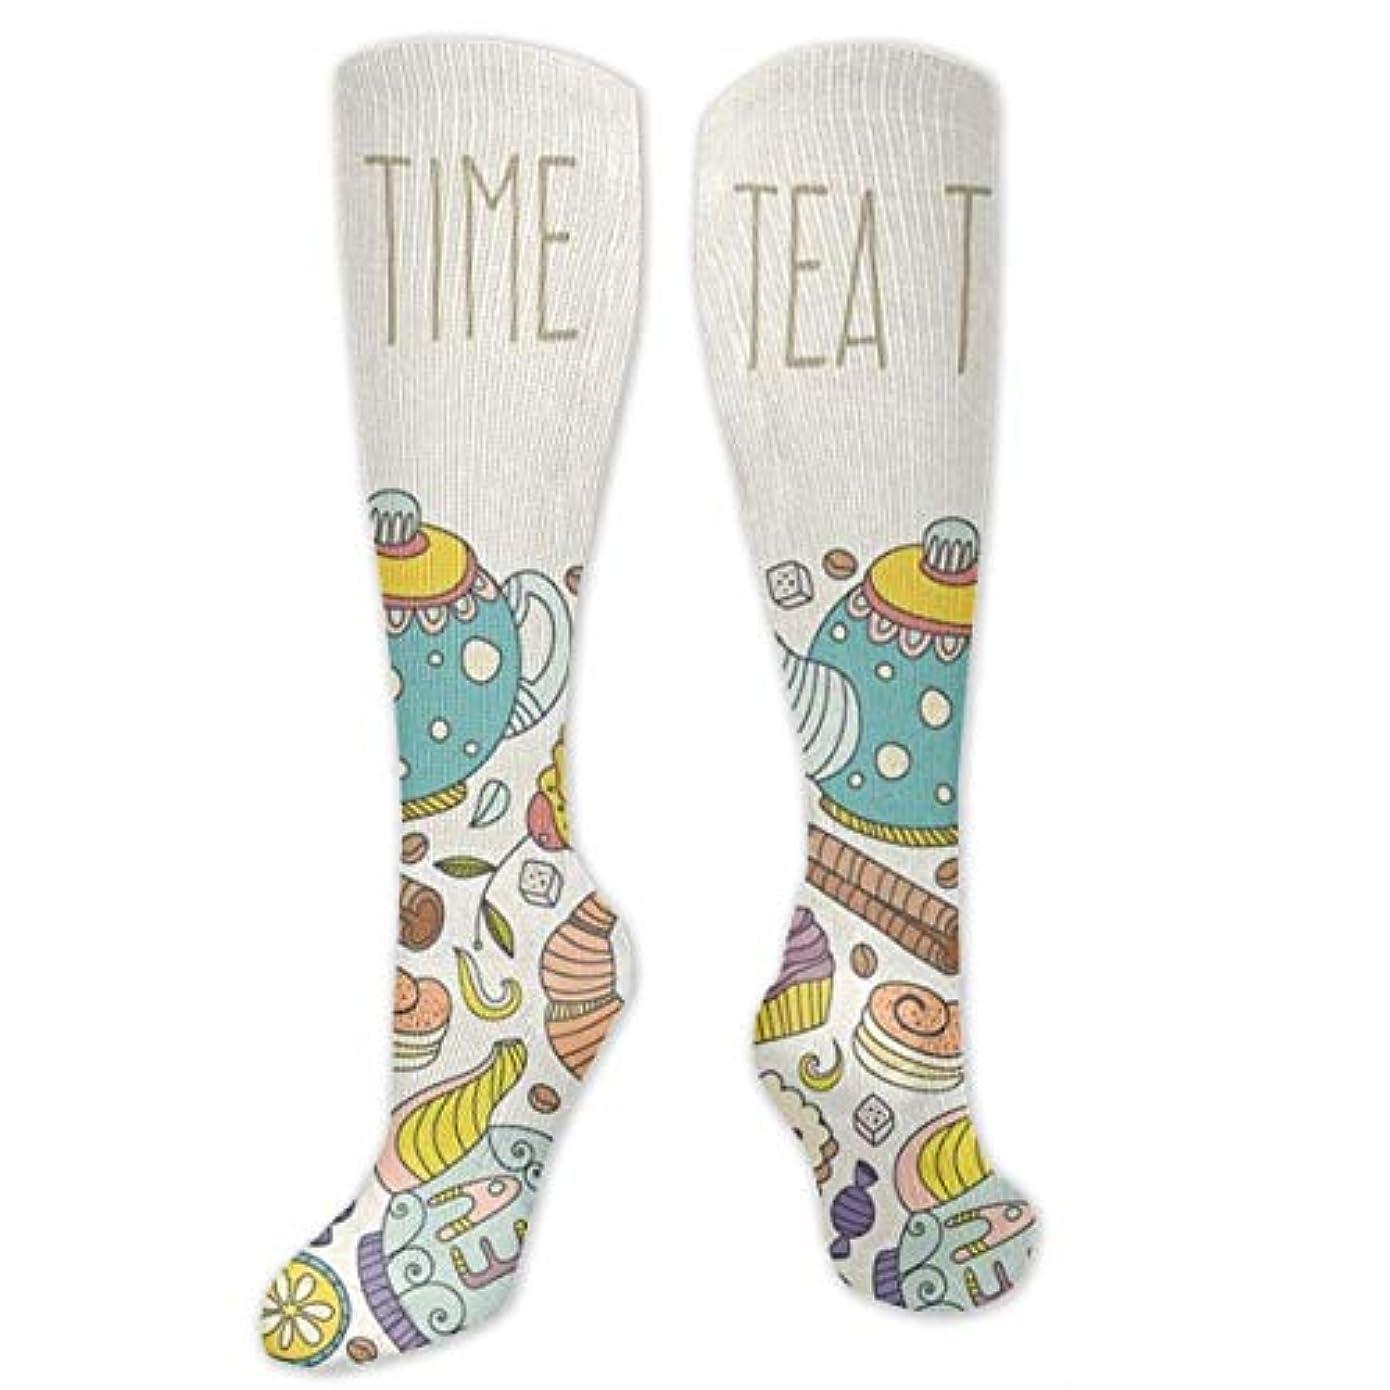 教覆す調整可能靴下,ストッキング,野生のジョーカー,実際,秋の本質,冬必須,サマーウェア&RBXAA Tea Time Socks Women's Winter Cotton Long Tube Socks Knee High Graduated...